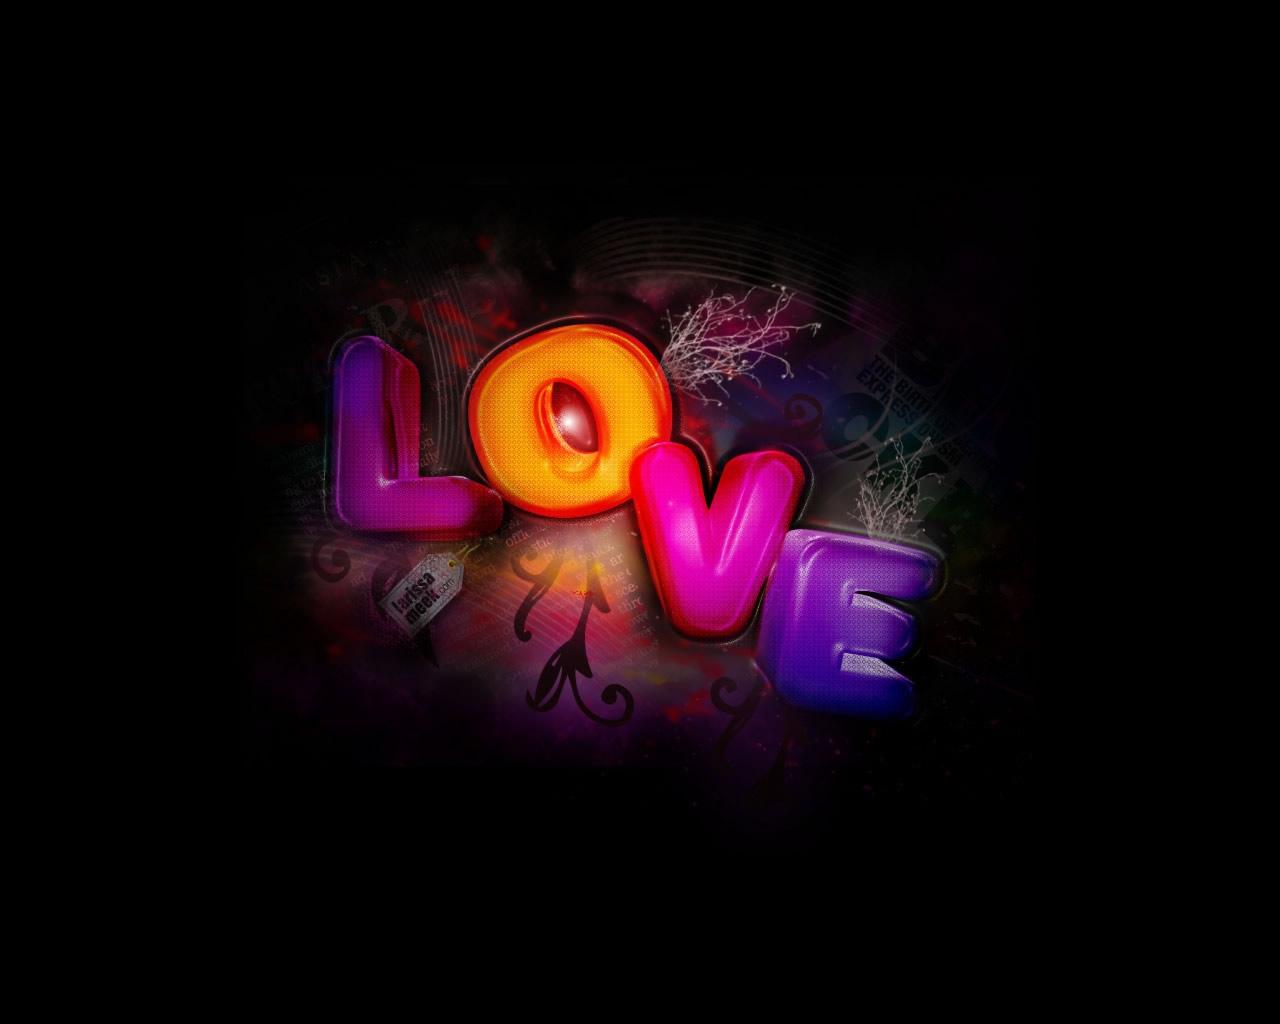 Imágenes de Amor con frases para descargar gratis en tu